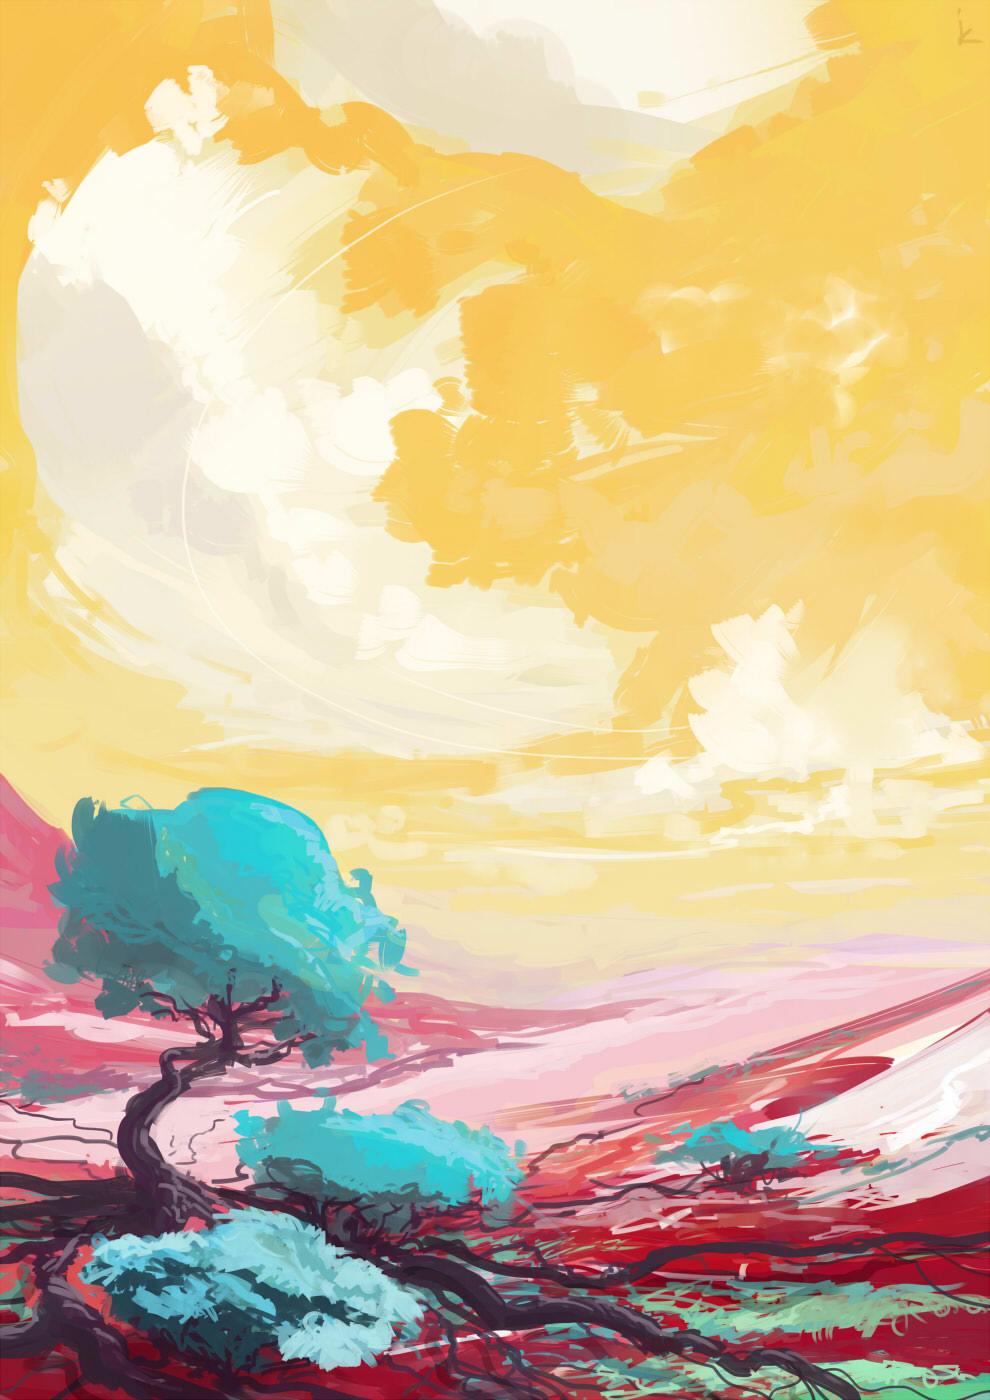 quick landscape 03 by cyberkolbasa